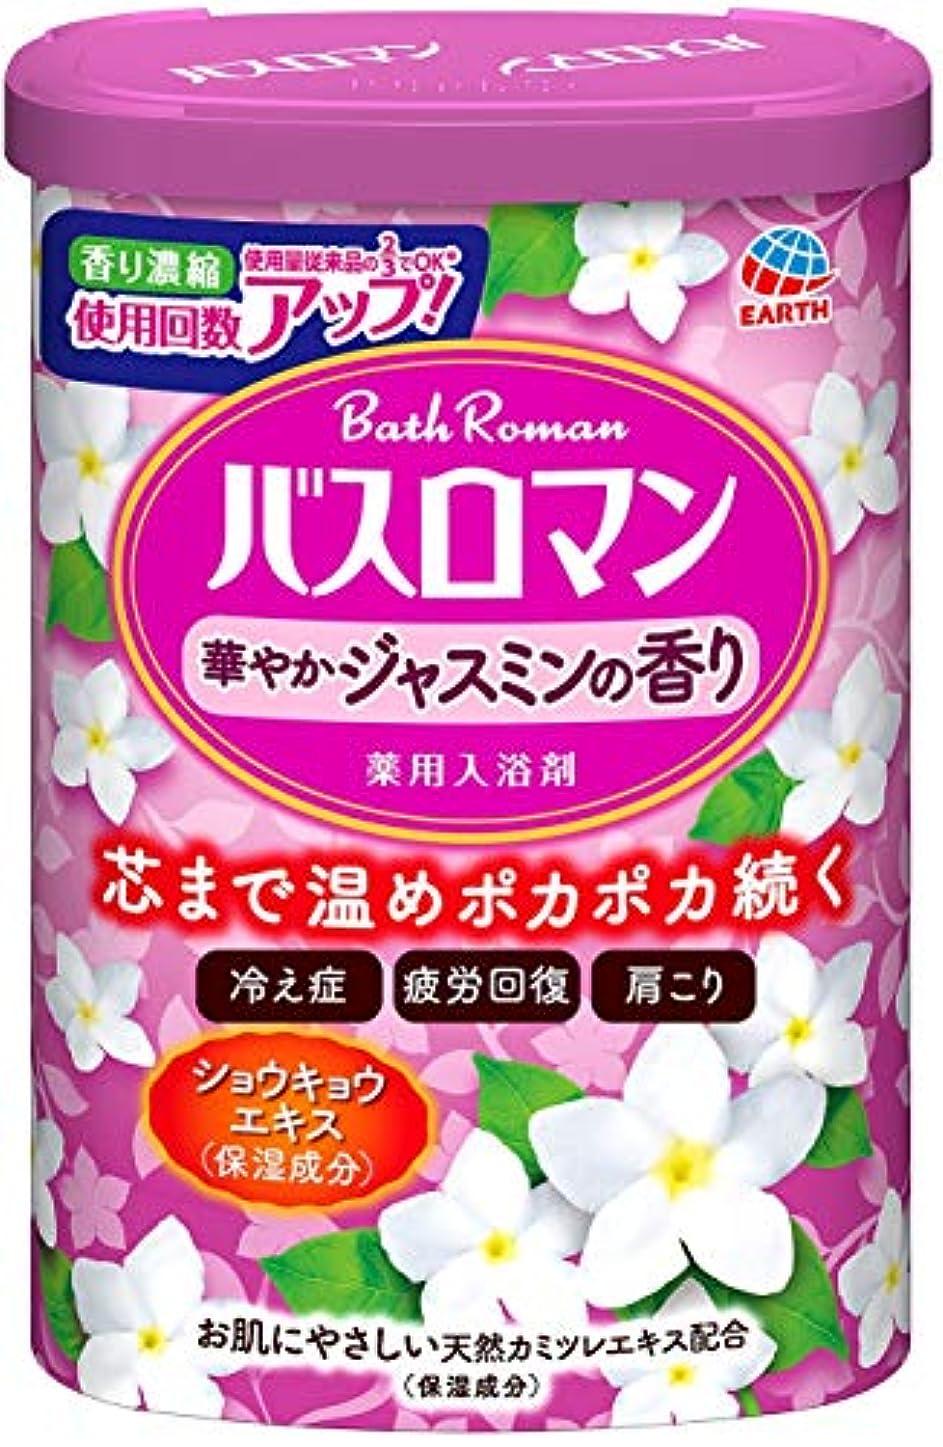 肝少なくとも誰【医薬部外品】バスロマン 入浴剤 華やかジャスミンの香り [600g]